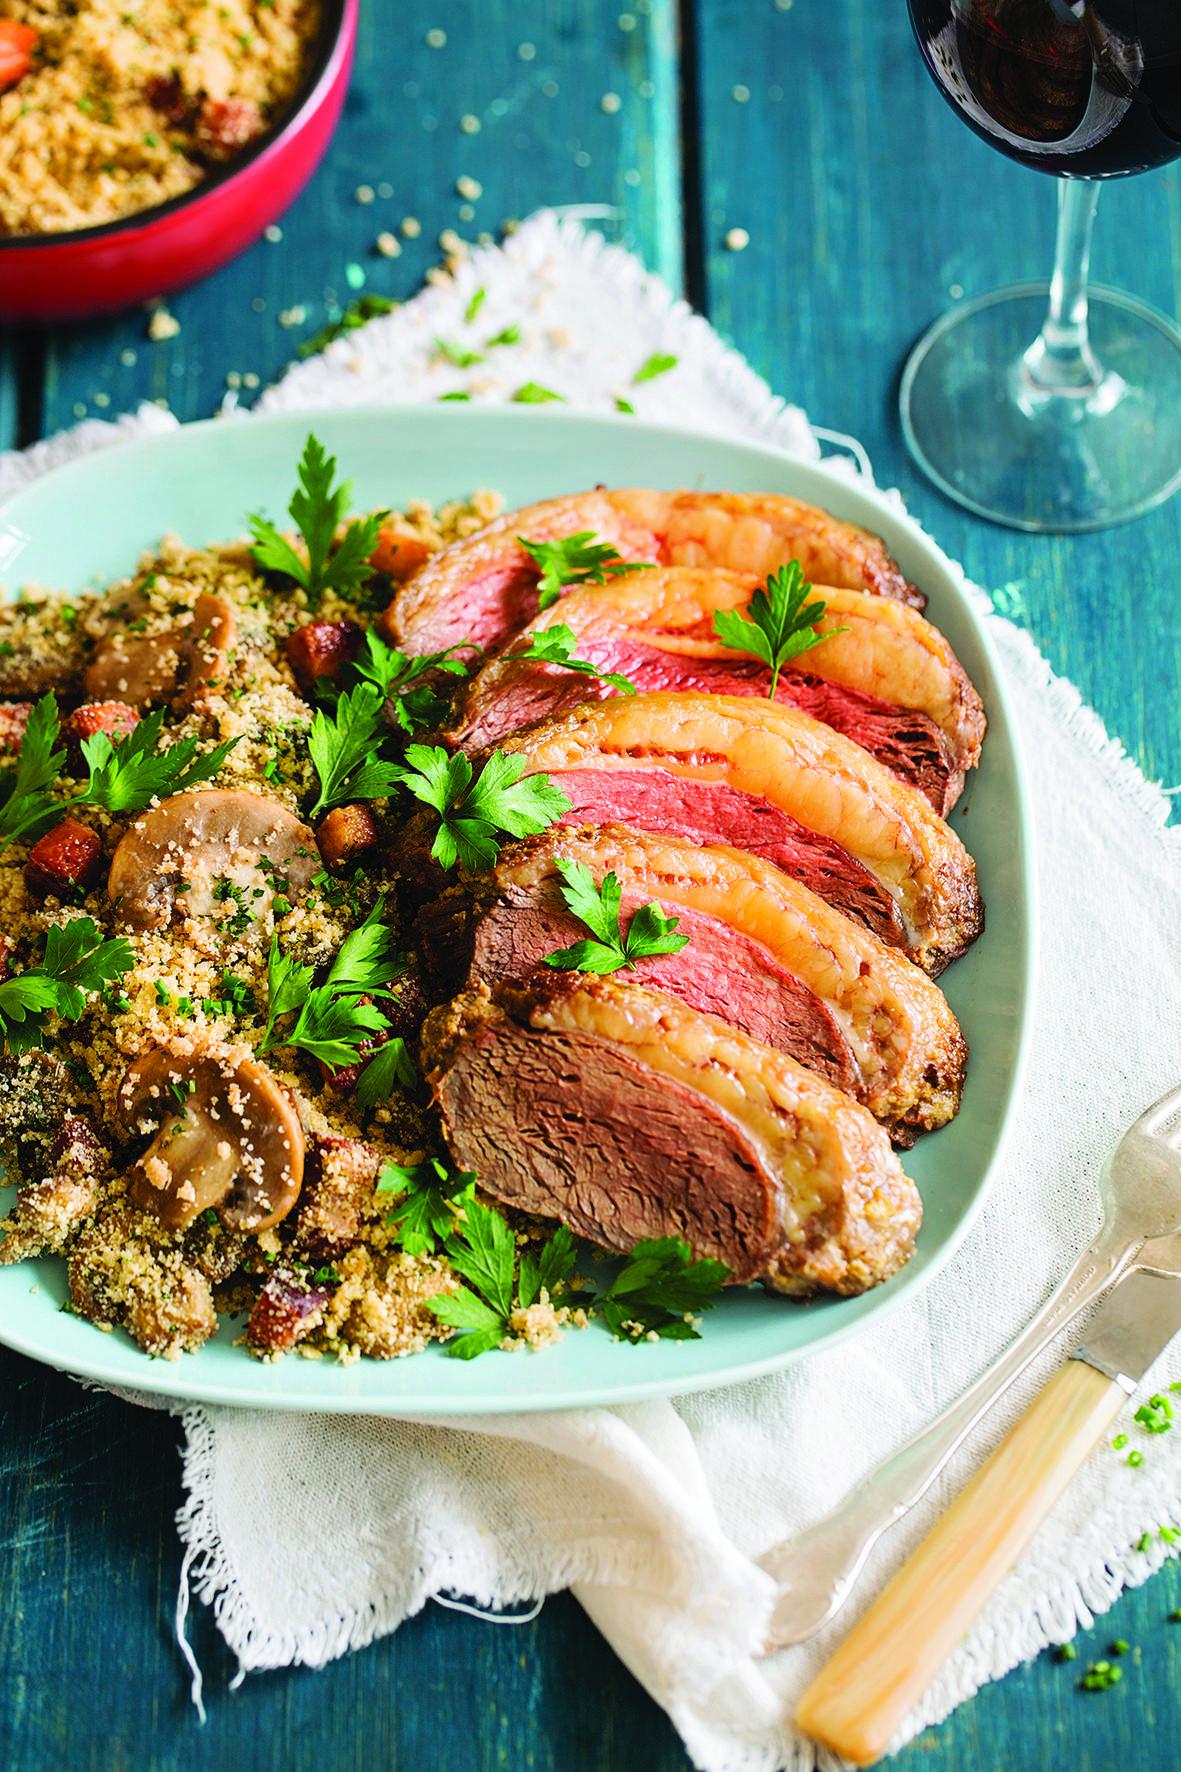 Que tal uma deliciosa picanha assada no forno?